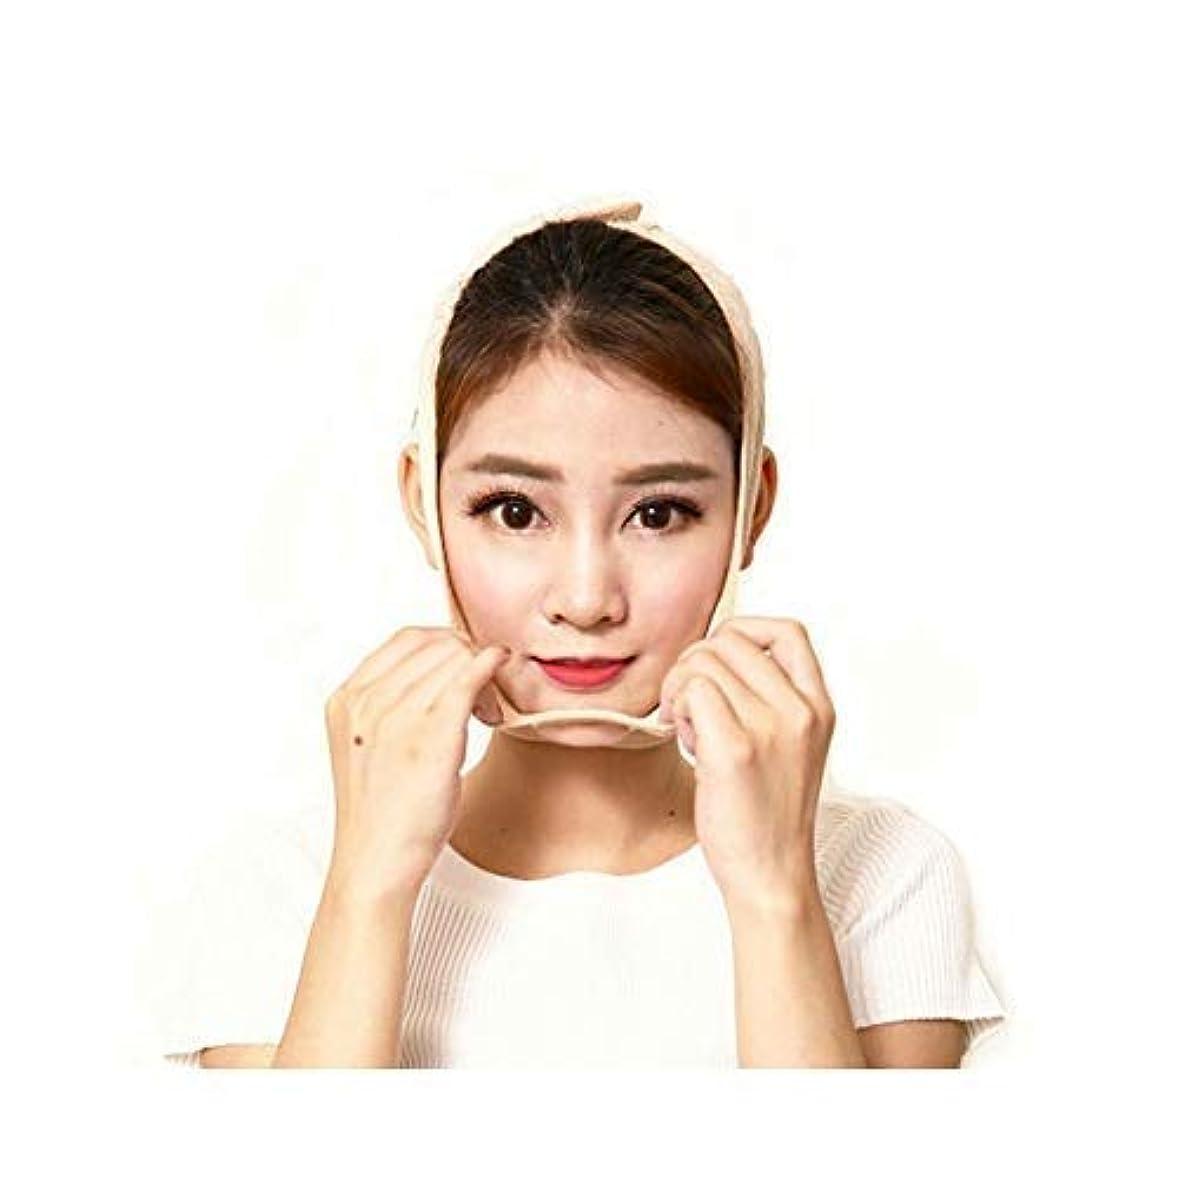 コイン不透明な範囲引き締めマスク薄い顔アーティファクト包帯美容フードリフト引き締めマスクにダブルあごLスモールVフェイスマッサージフェイスリフトフェイシャル